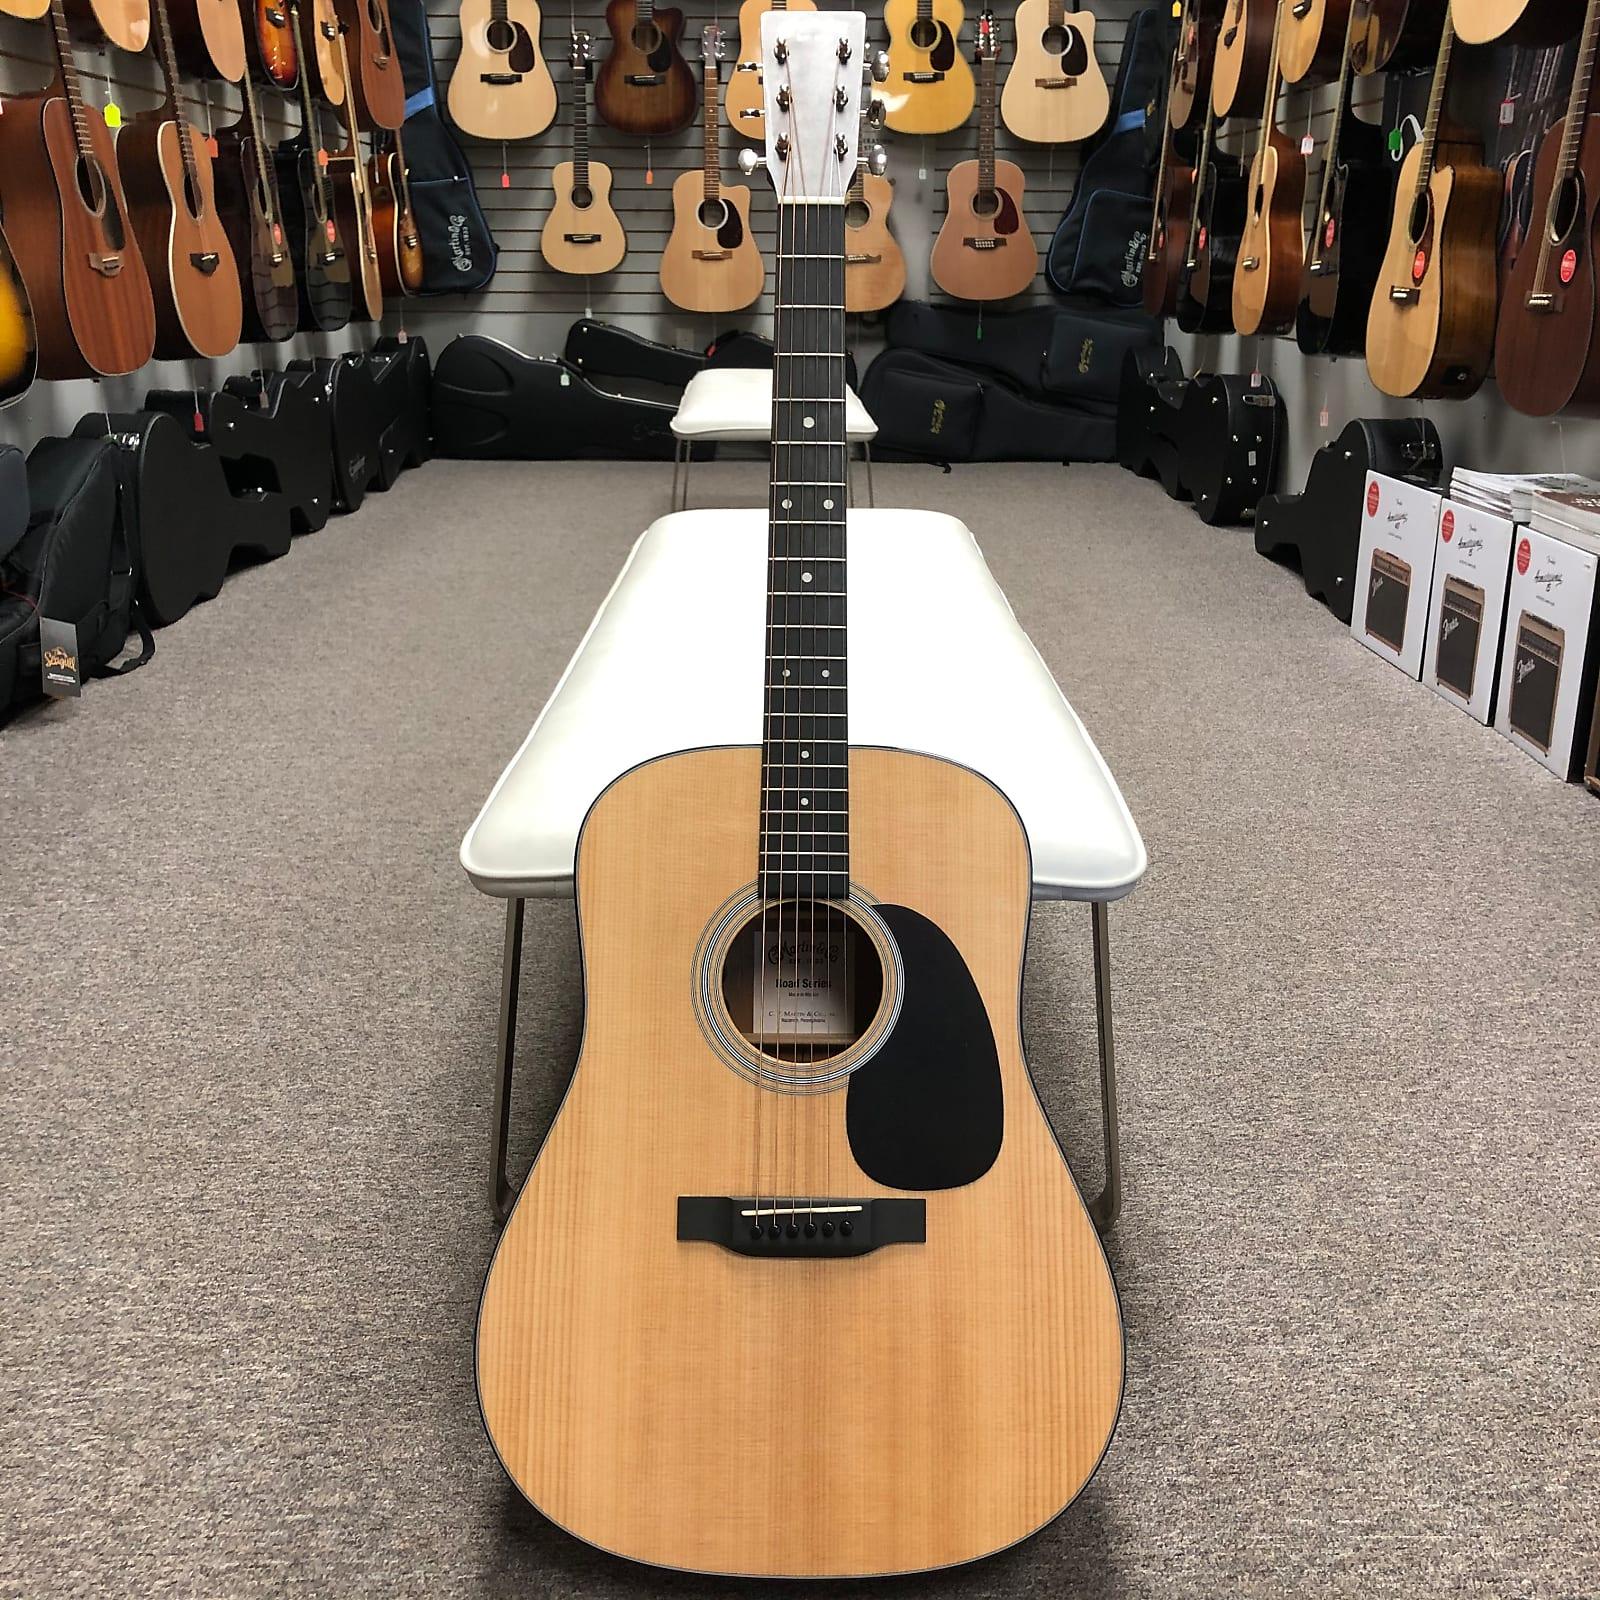 Martin D-12E Acoustic/Electric Guitar w/ Gig Bag